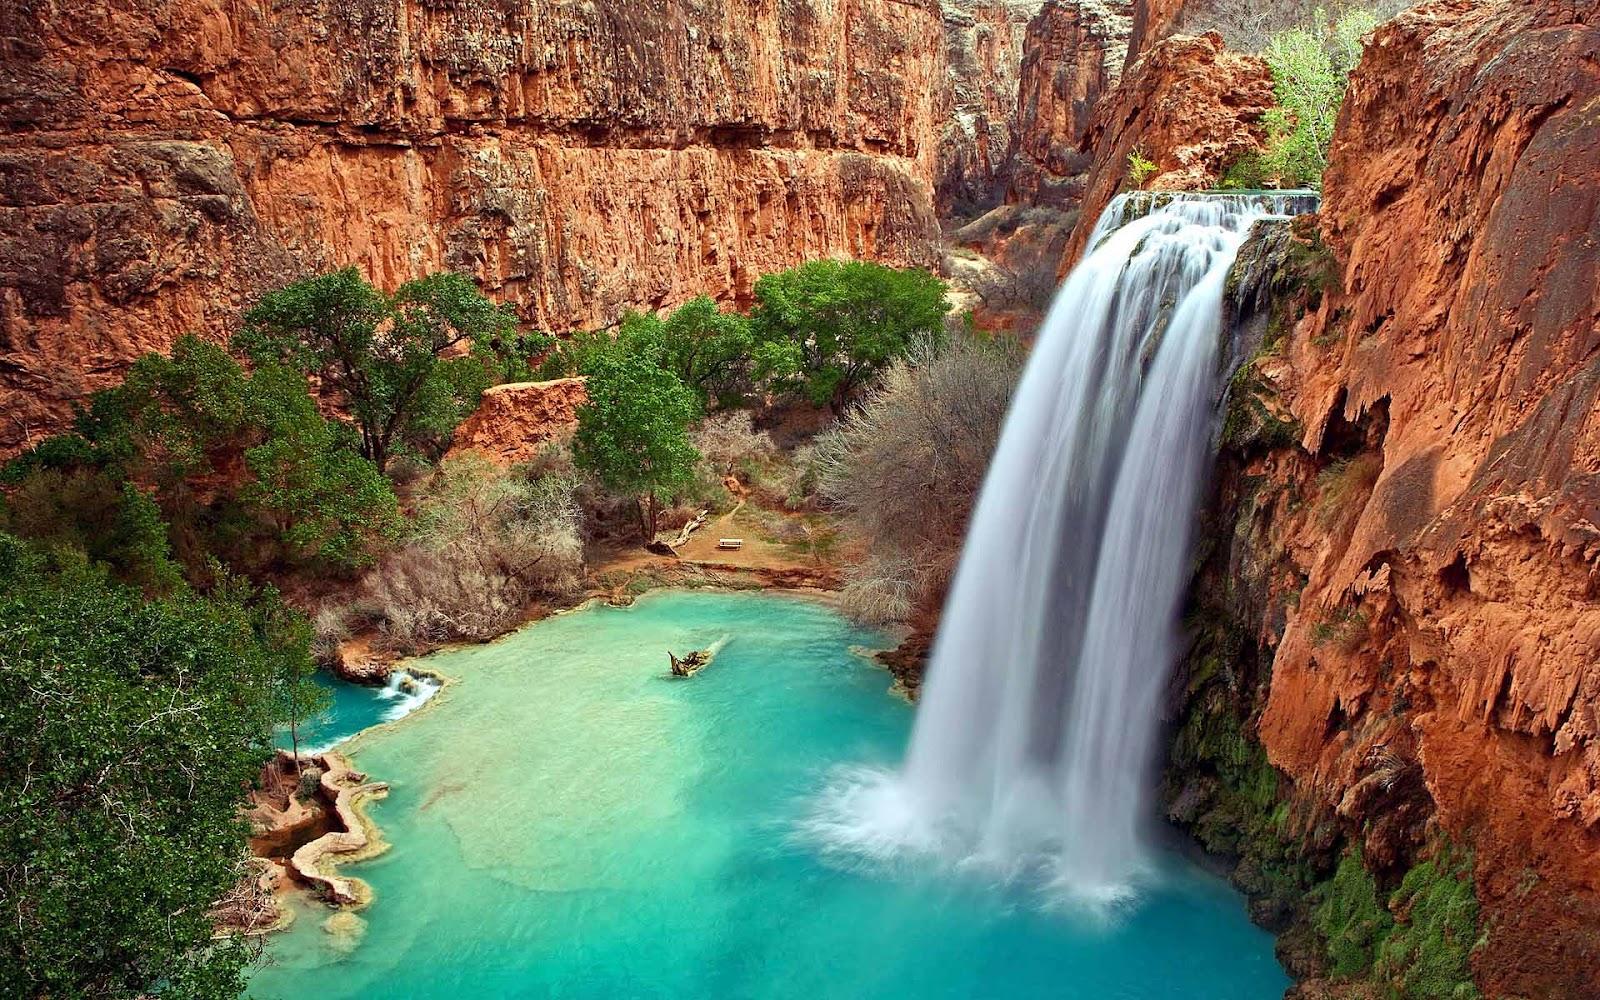 Landschap achtergrond met een waterval in de bergen en een klein meer